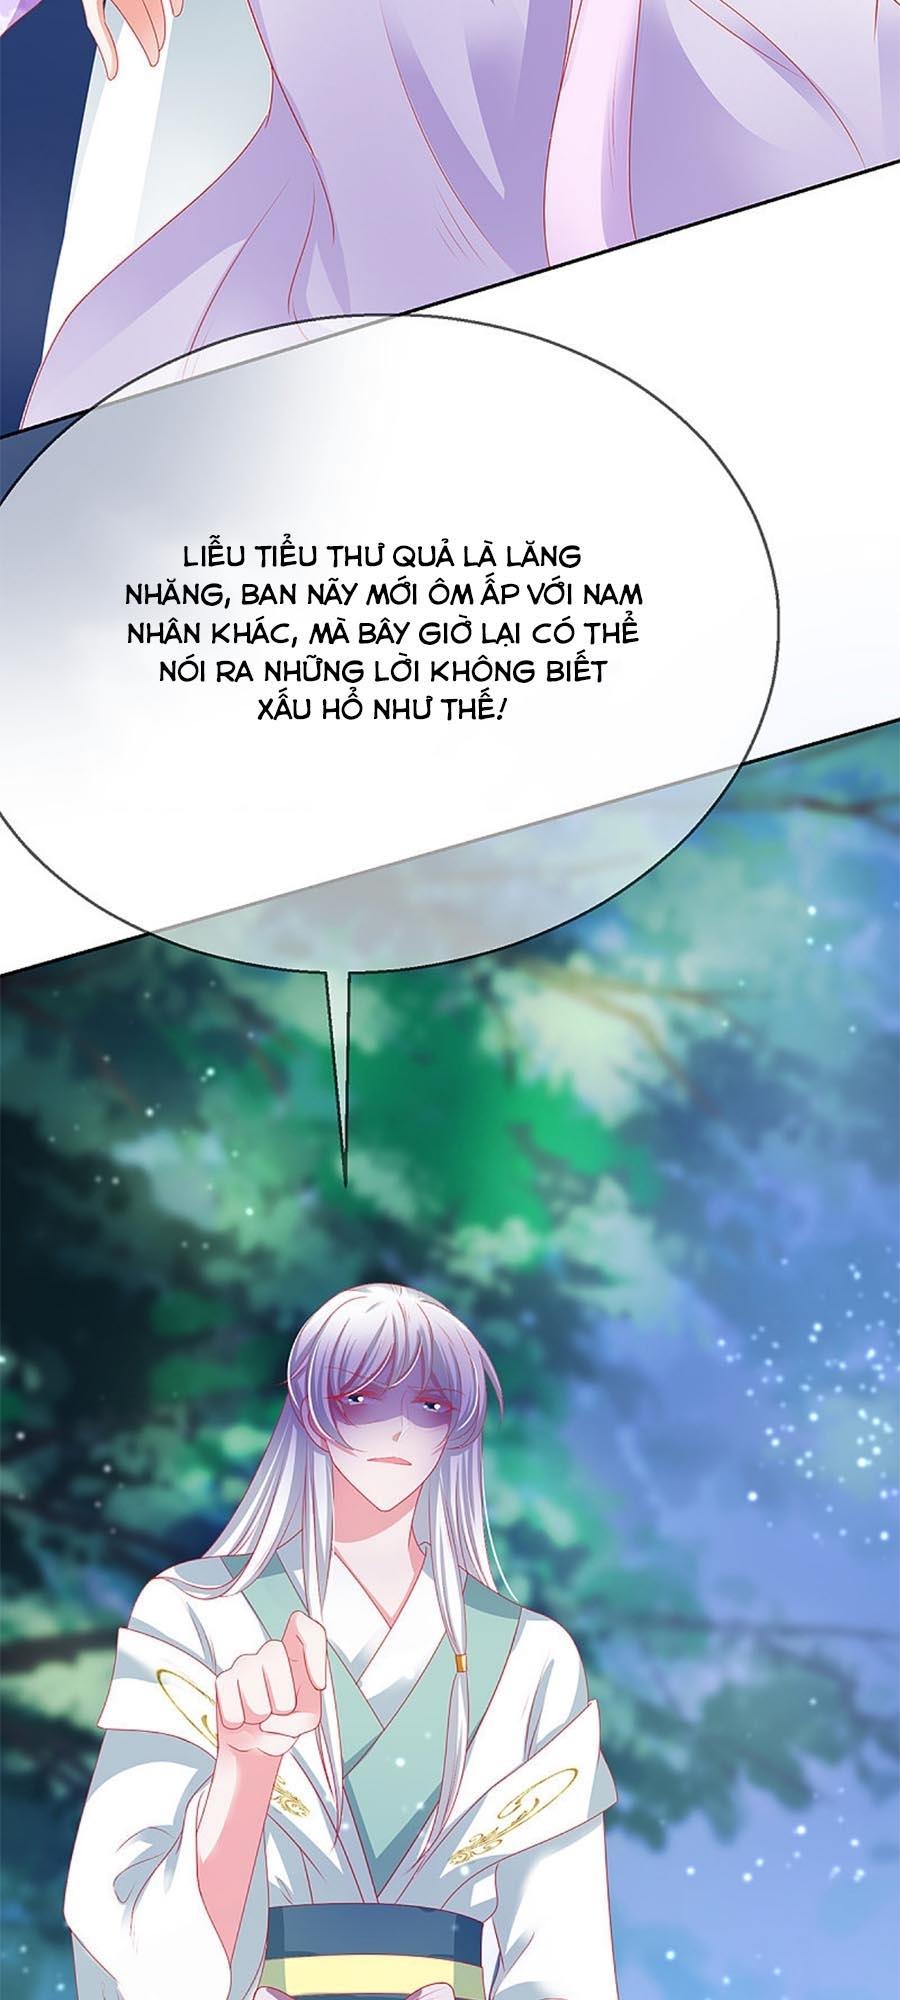 Dưỡng Thú Vi Phi chap 42 - Trang 46